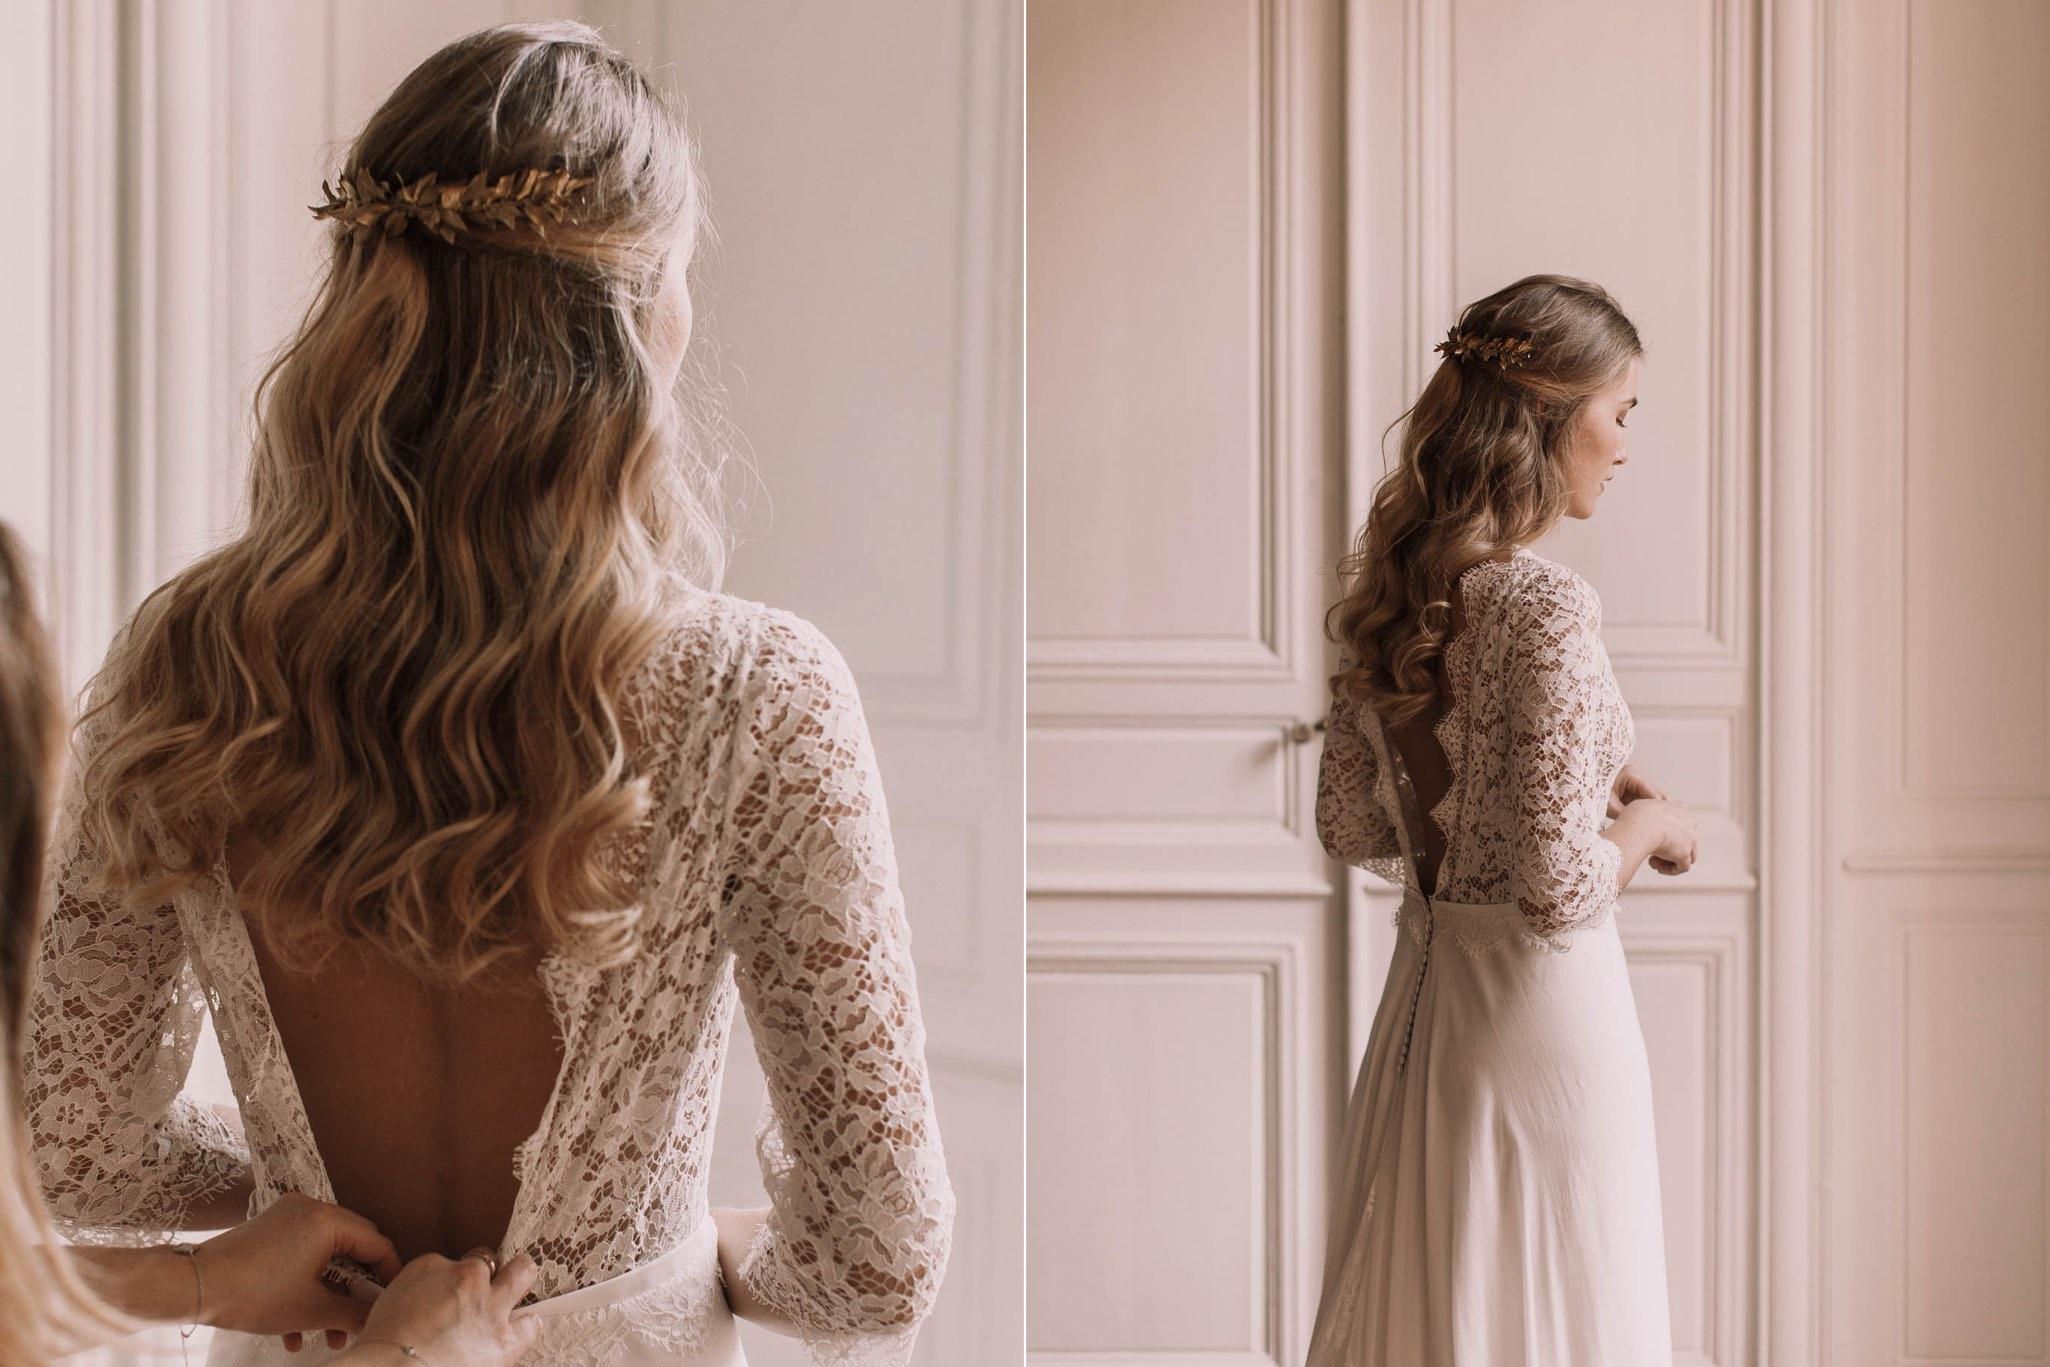 photographe-mariage-bordeaux-jeremy-boyer-white-minimal-26.jpg